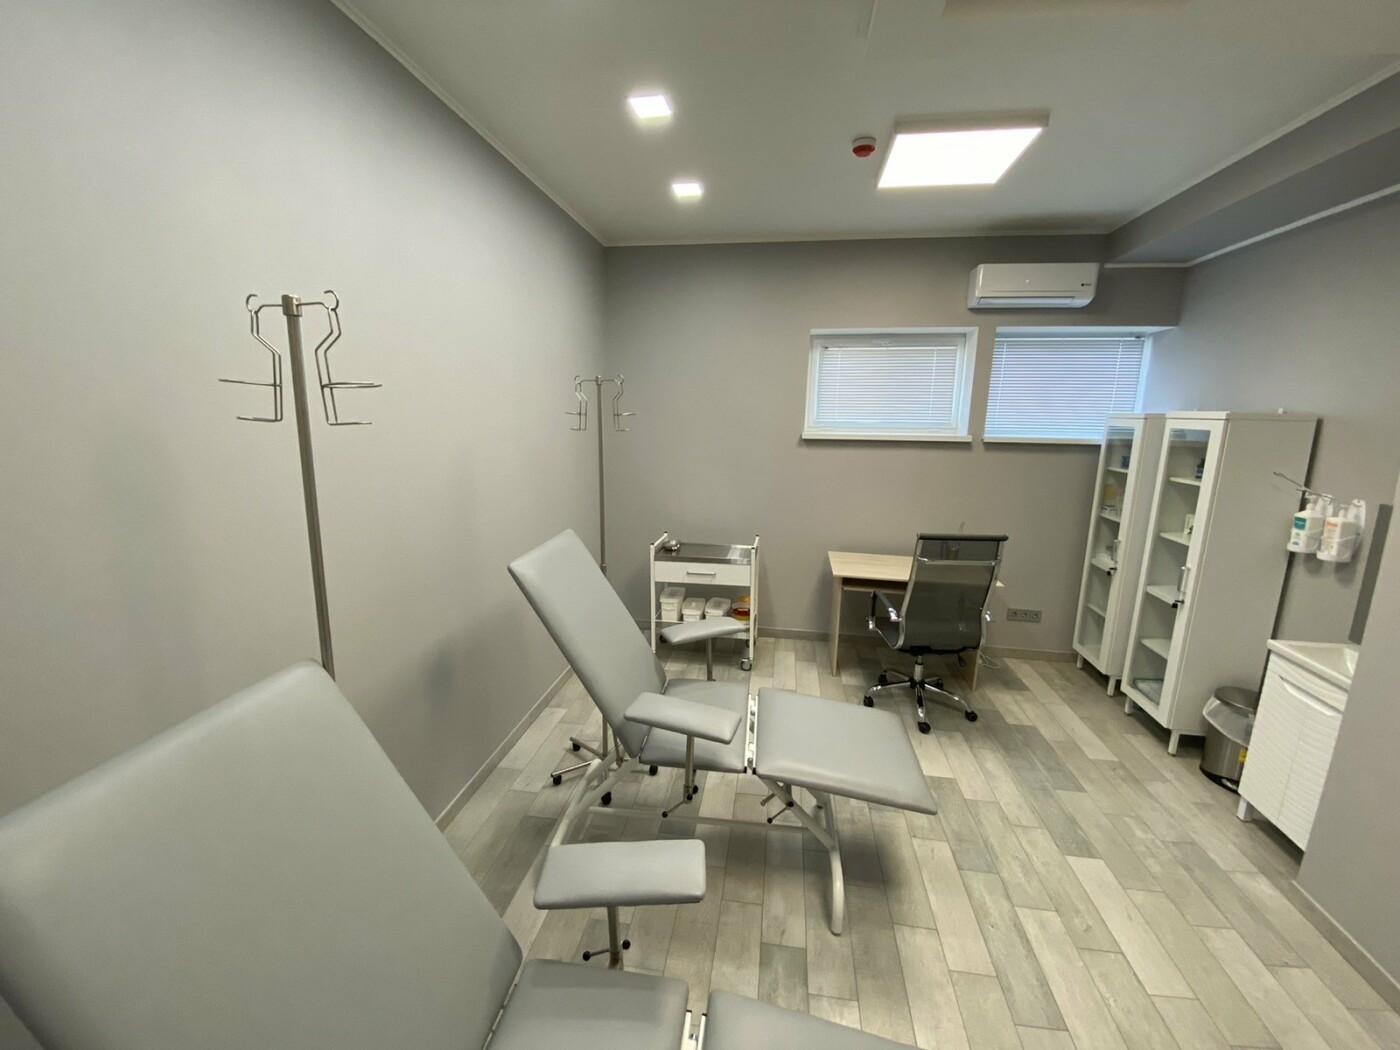 Частные клиники и медицинские центры в Запорожье, фото-66